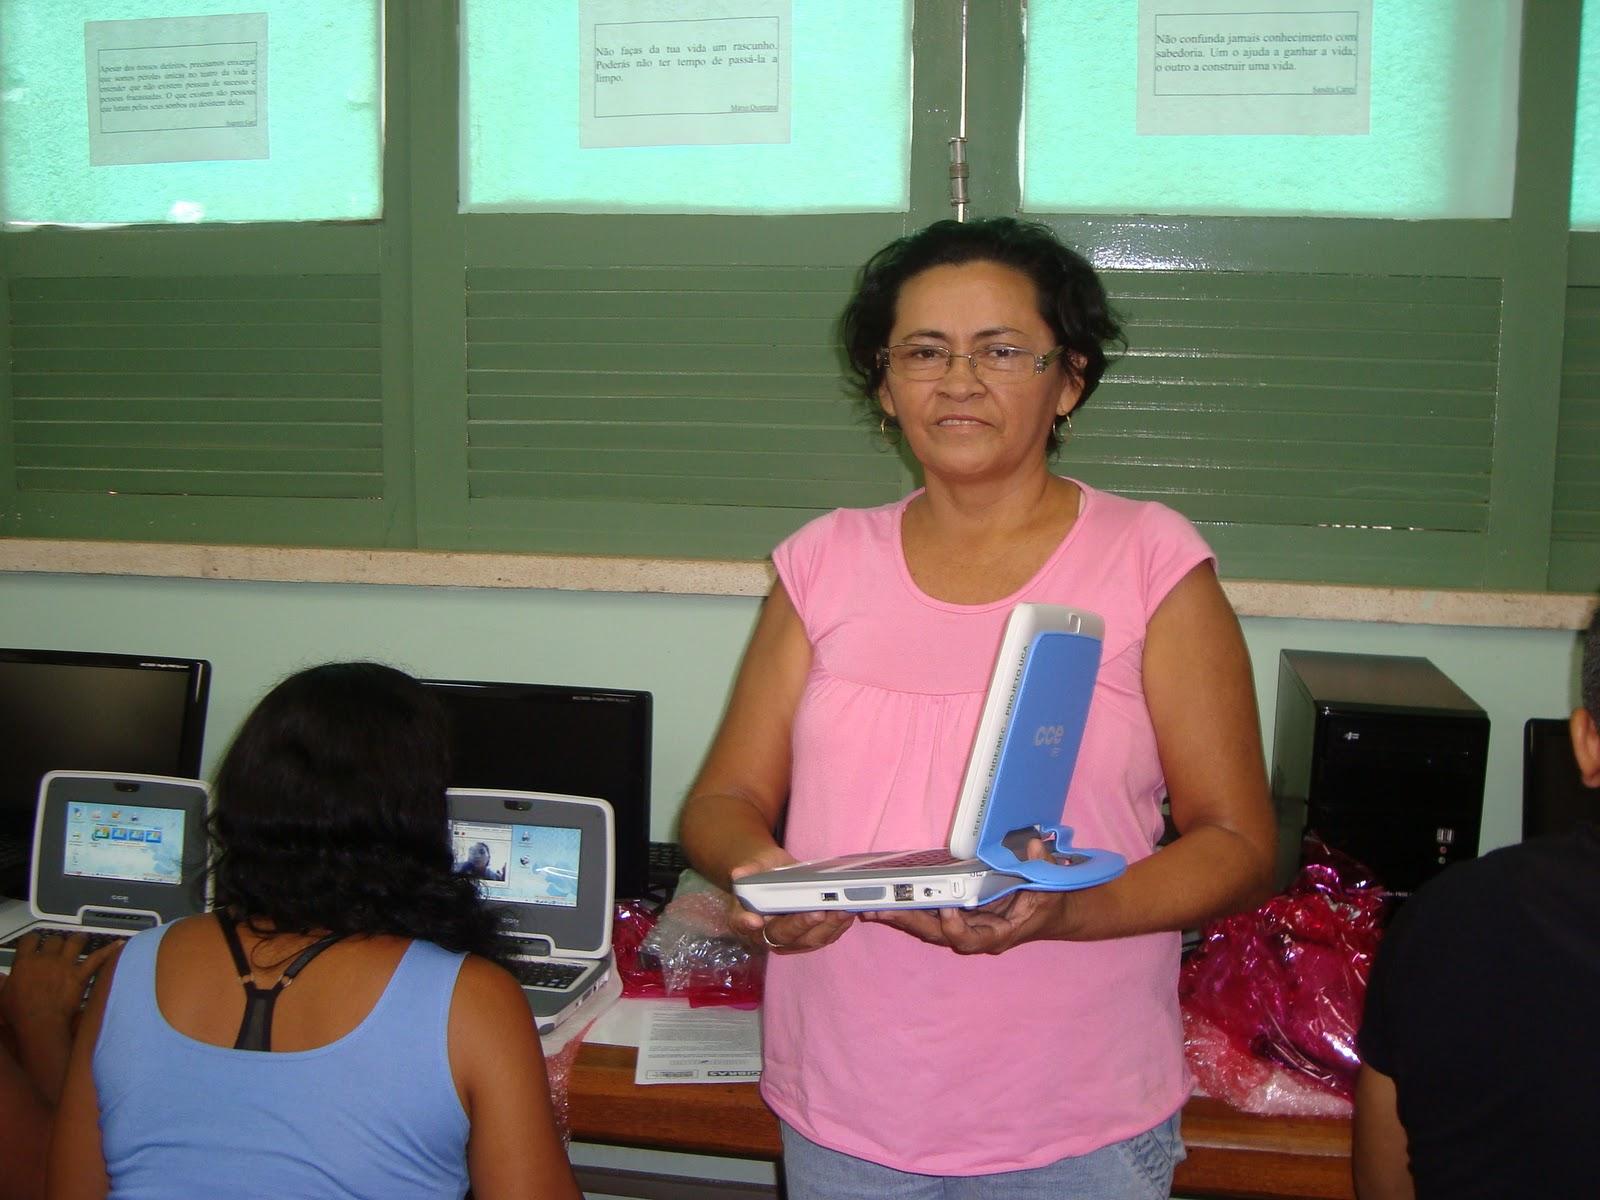 Escola Municipal Irmã Leodgard Gausepohl Produções: NÚCLEO DE TECNOLOGIA EDUCACIONAL